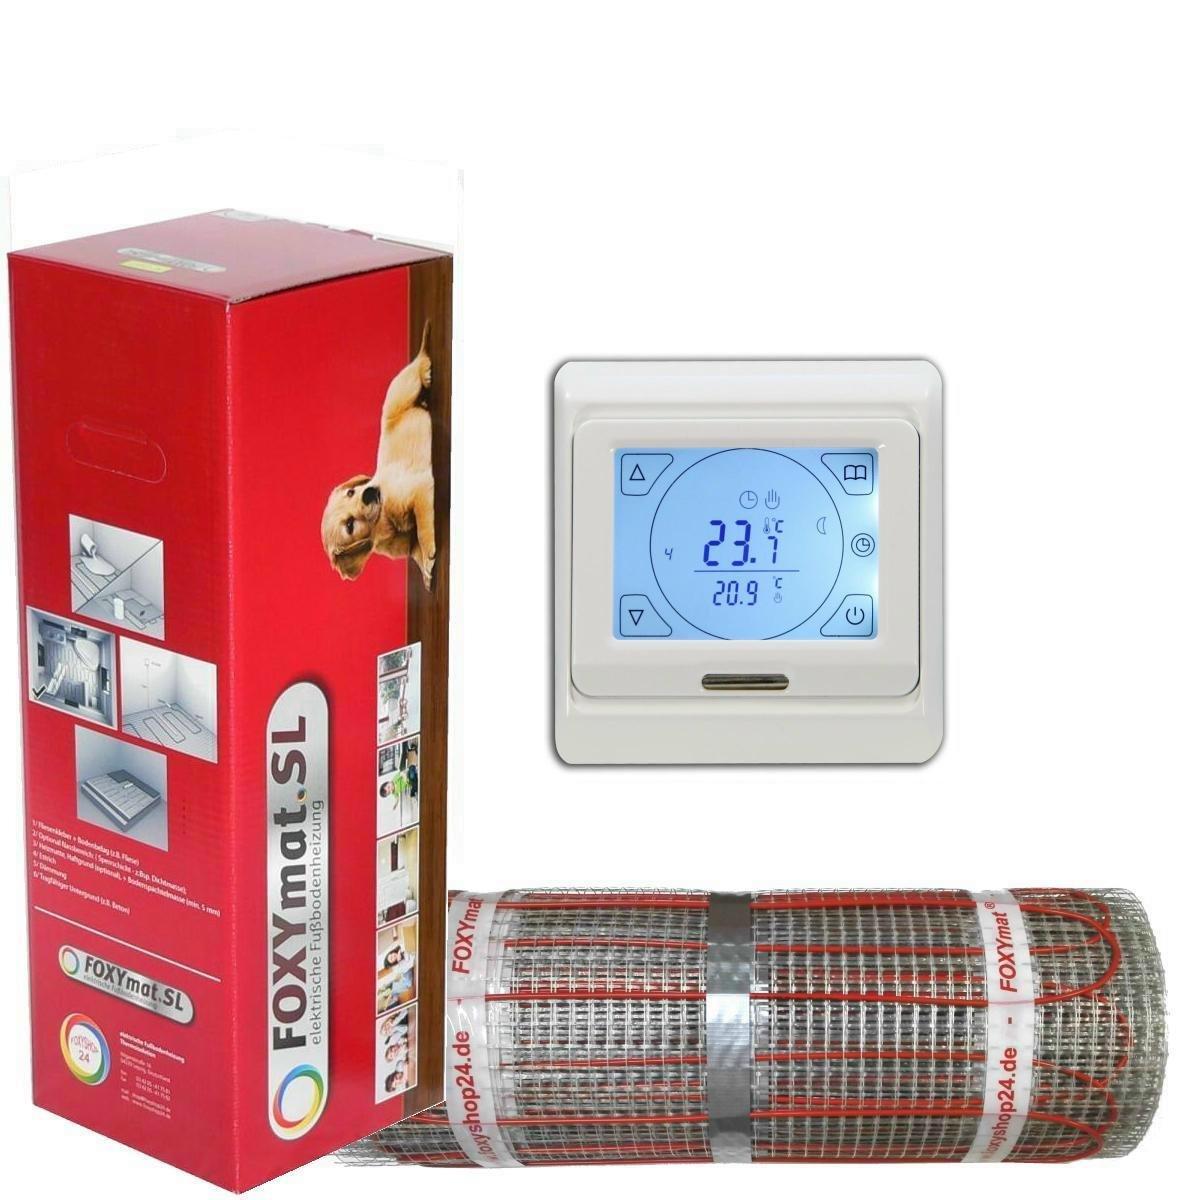 200 Watt pro m/²,f/ür die schnelle Erw/ärmung mit Thermostat QM-BLUE-TS,Komplett-Set 1.0 m/² FOXYSHOP24-elektrische Fu/ßbodenheizung PREMIUM MARKE FOXYMAT.SL RAPID 0.5m x 2m